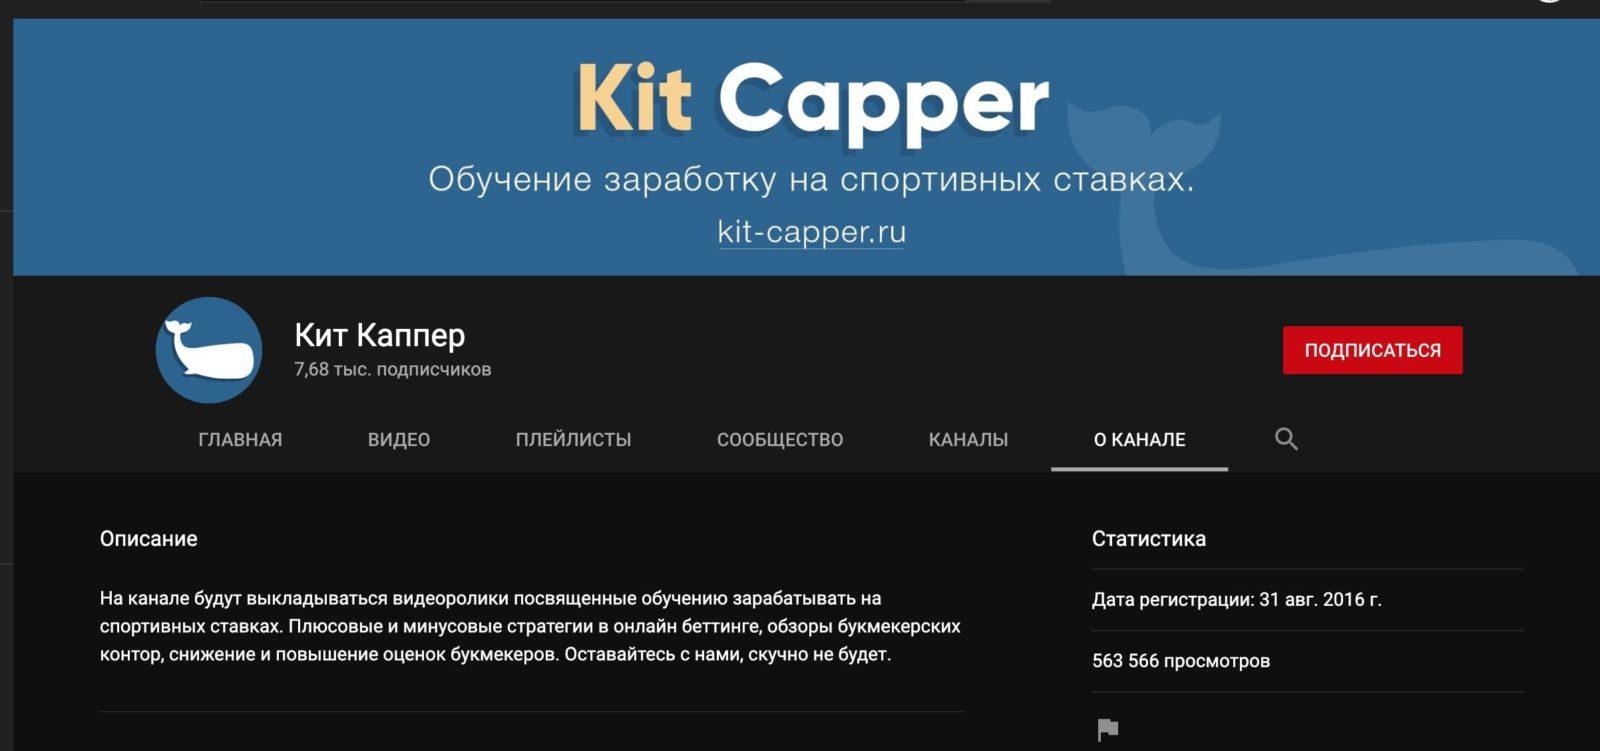 Ютуб канал Kit-Capper.cc (Кит-Каппер)